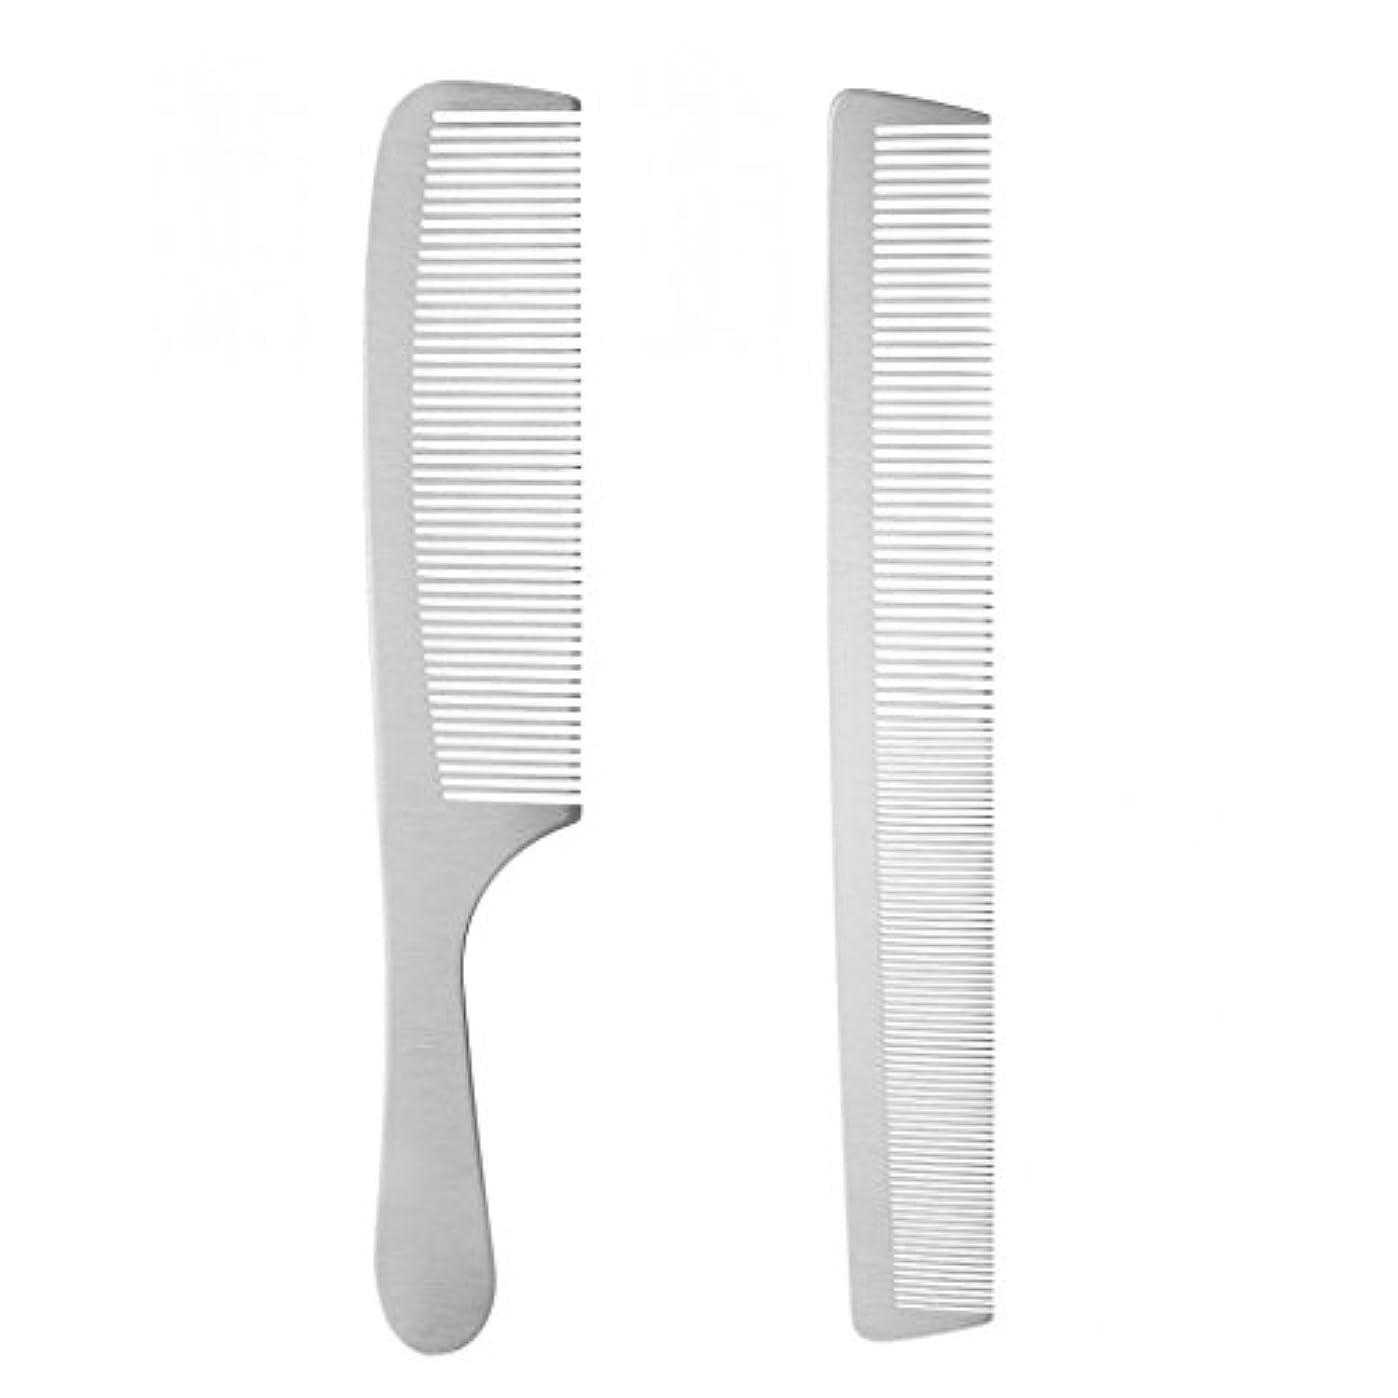 米国脚本保証する2個 ヘアスタイリング ヘアカットコーム 櫛 ヘアブラシ ステンレス鋼 サロン 理髪師 カッティング 耐久性 耐熱性